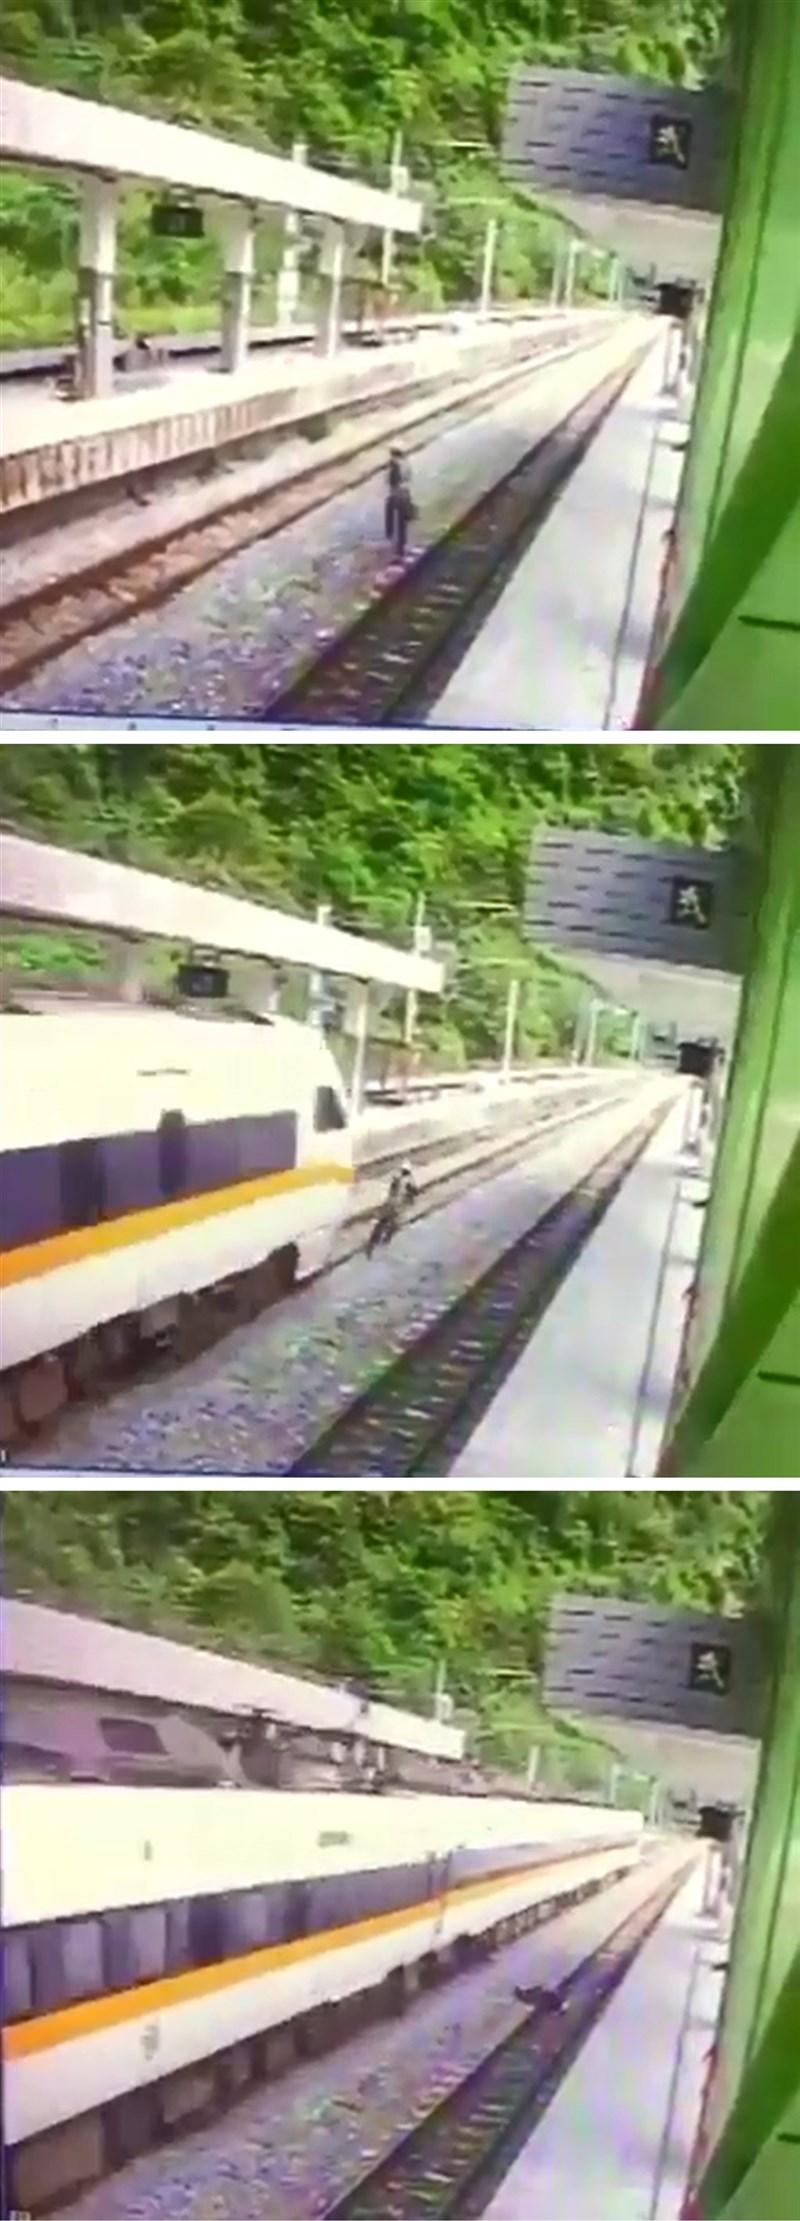 405次台東開往樹林太魯閣號24日上午通過武塔站時,一名工人跨越月台,列車緊急煞車仍撞上。(民眾提供)